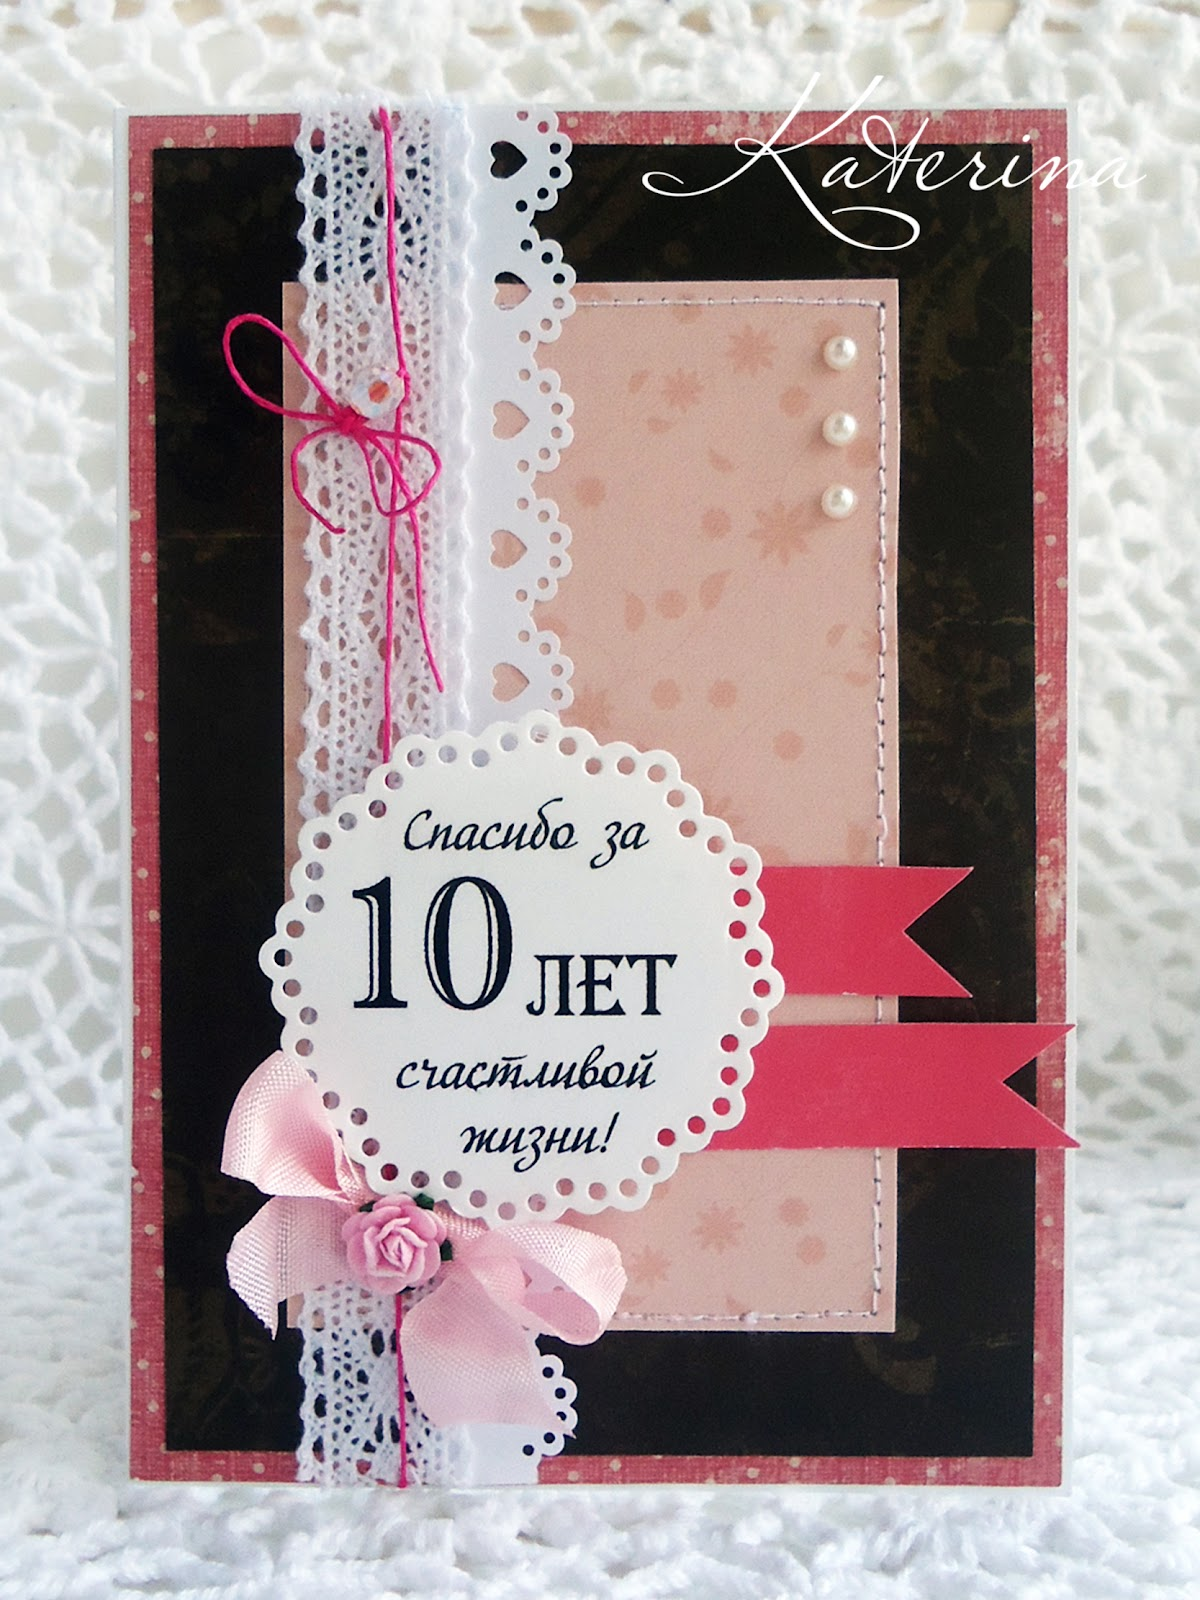 Подарок мужу на чугунную свадьбу - Подарки на розовую/оловянную свадьбу (10 лет свадьбы)